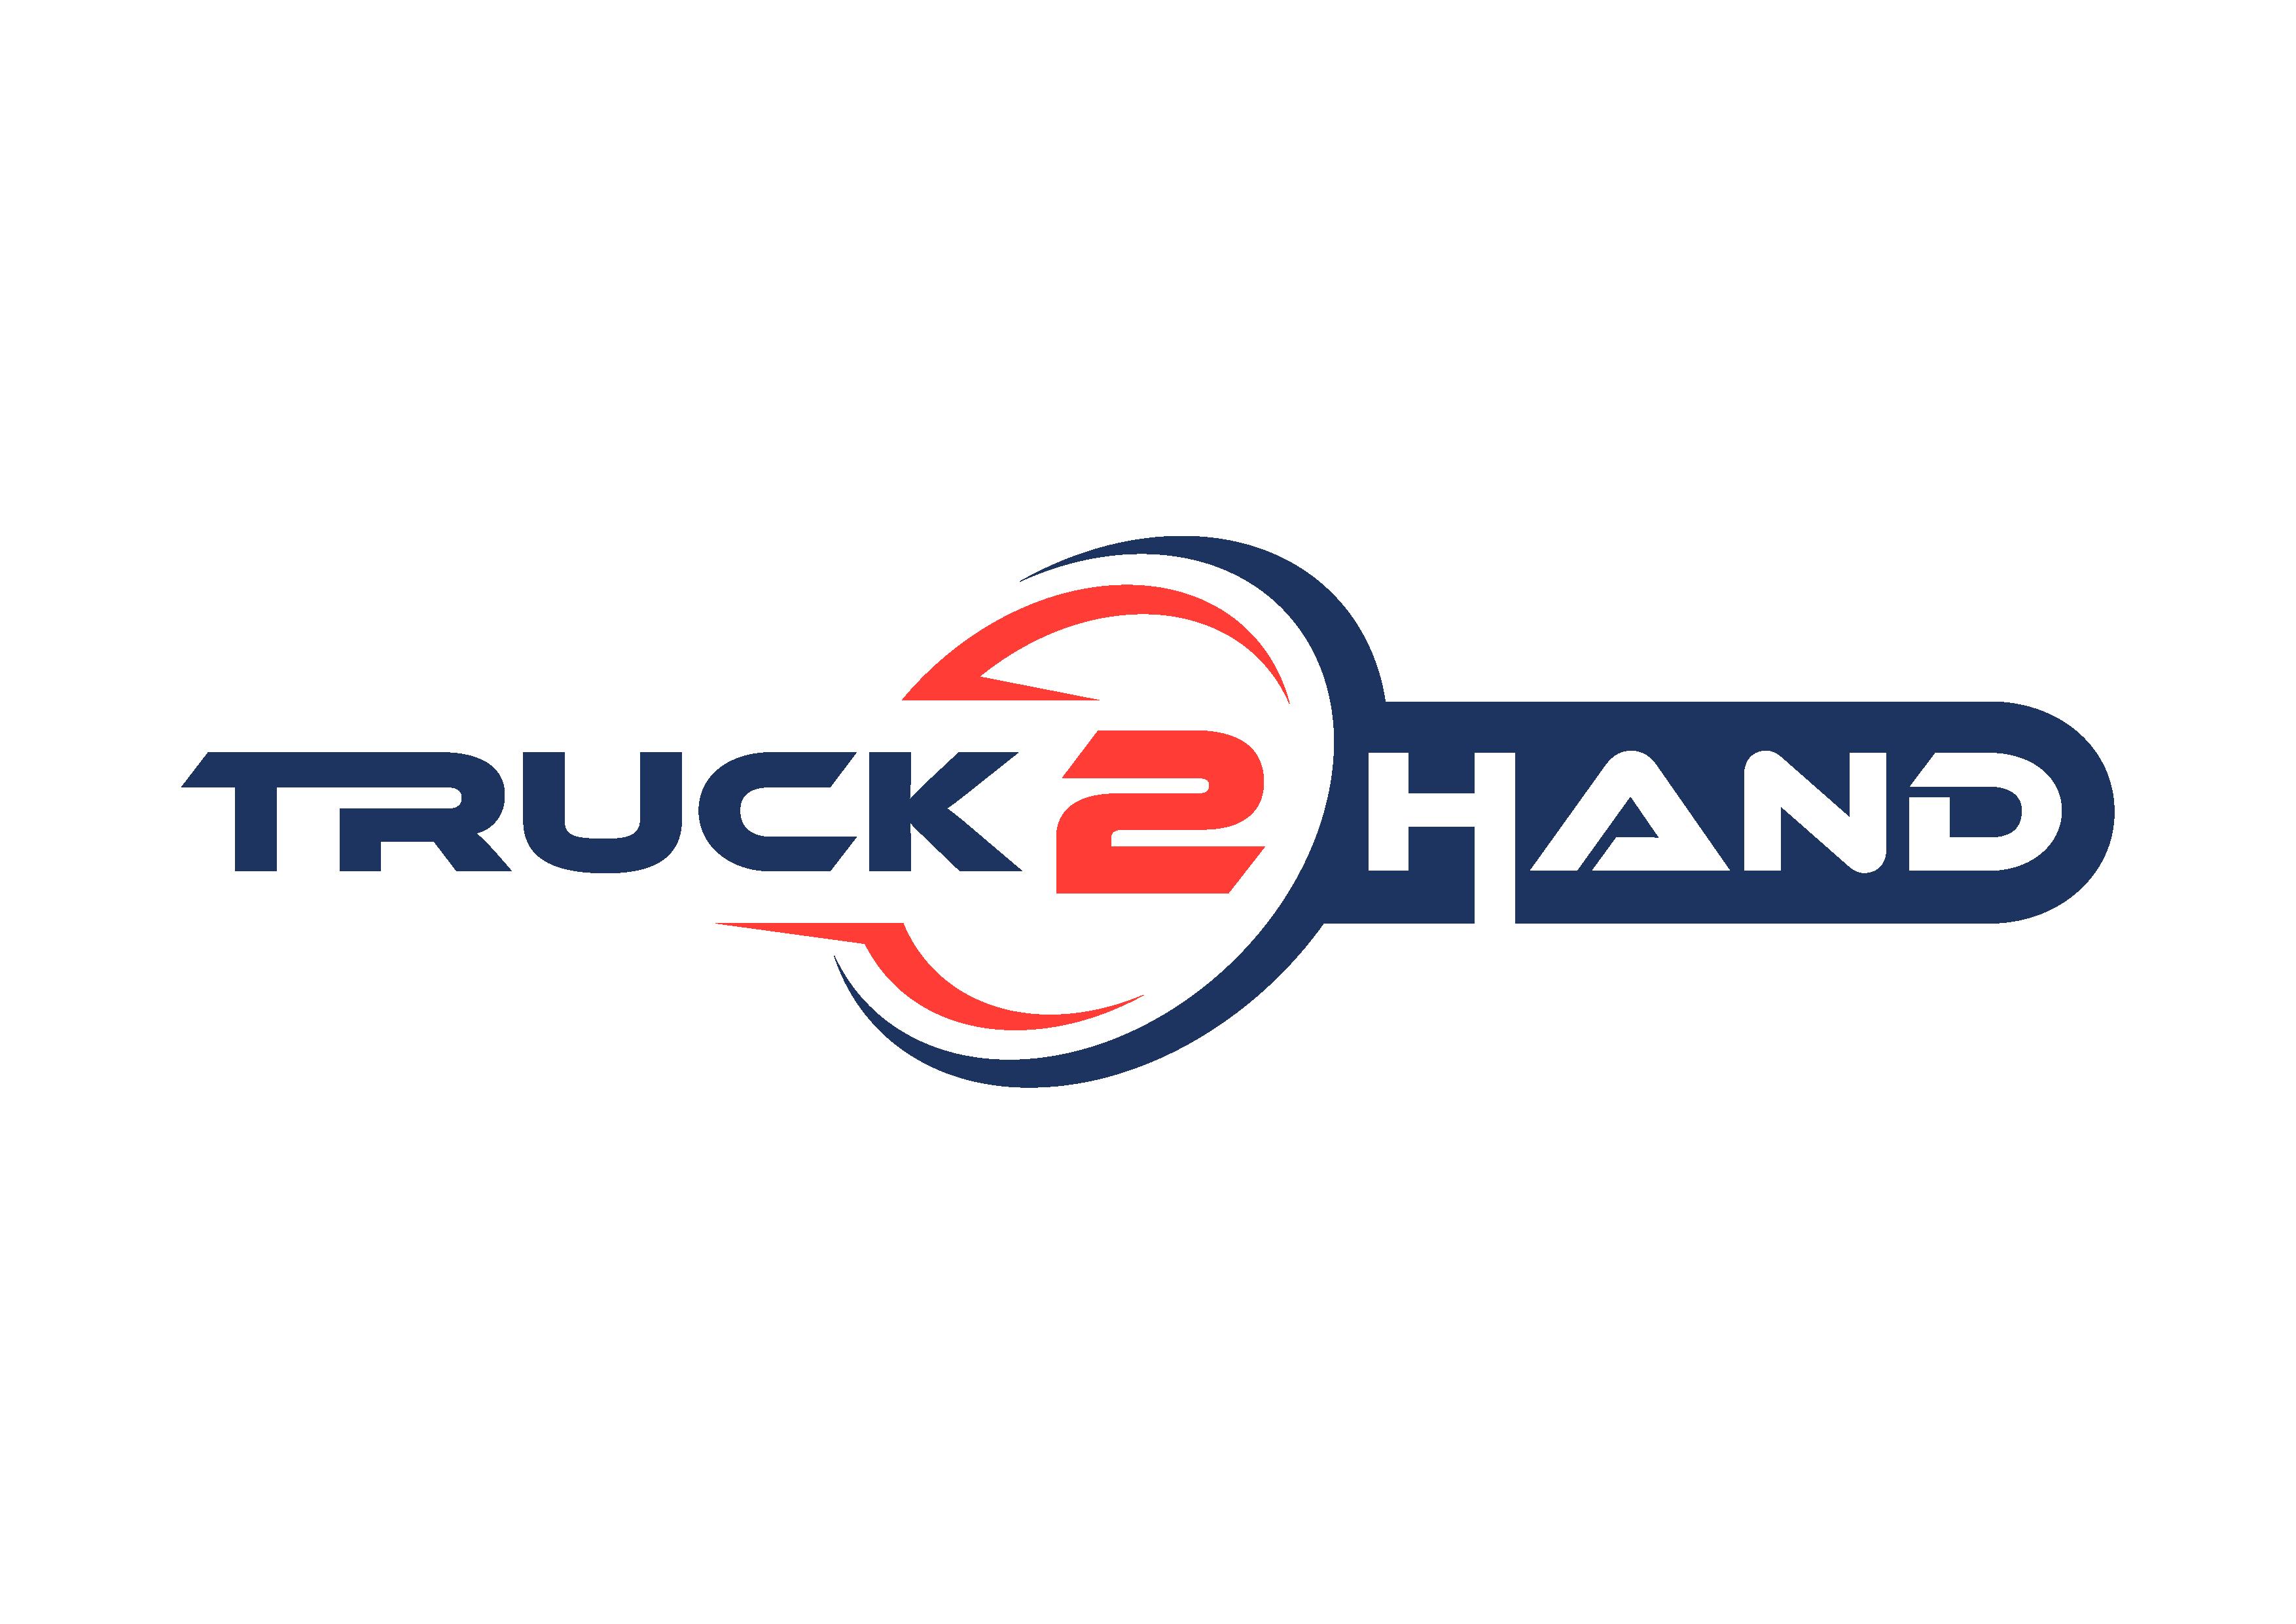 เว็บบล็อก Truck2Hand